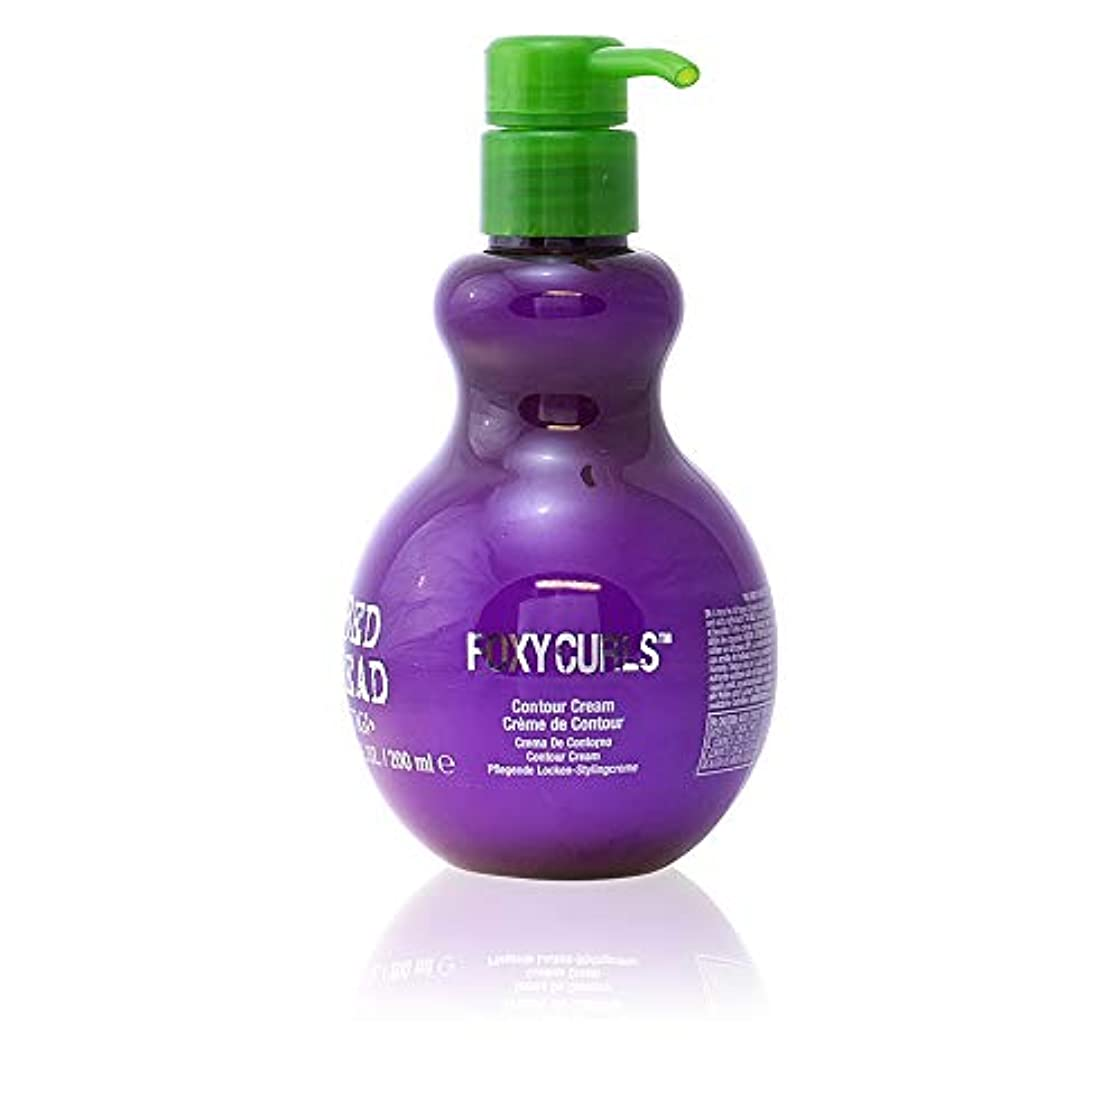 ドラフト北西アラビア語ティジー ベッドヘッド フォクシーカール コントゥア クリーム Tigi Bed Head Foxy Curls Contour Cream 200ml [並行輸入品]